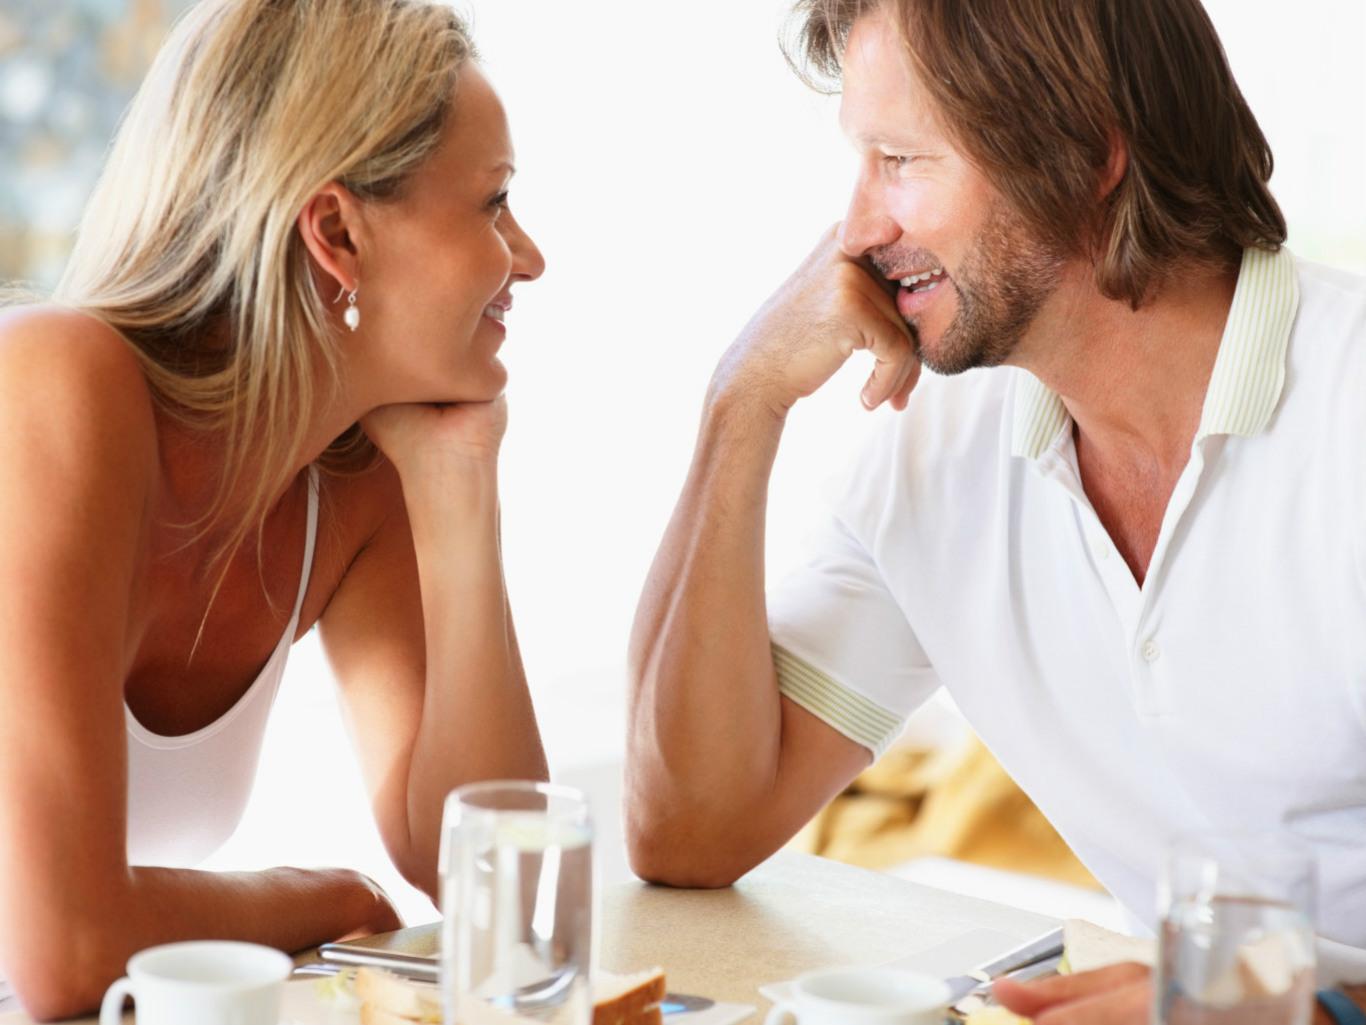 Почему девушка не хочет своего мужика, 5 причин почему мужчина не хочет секса? 11 фотография